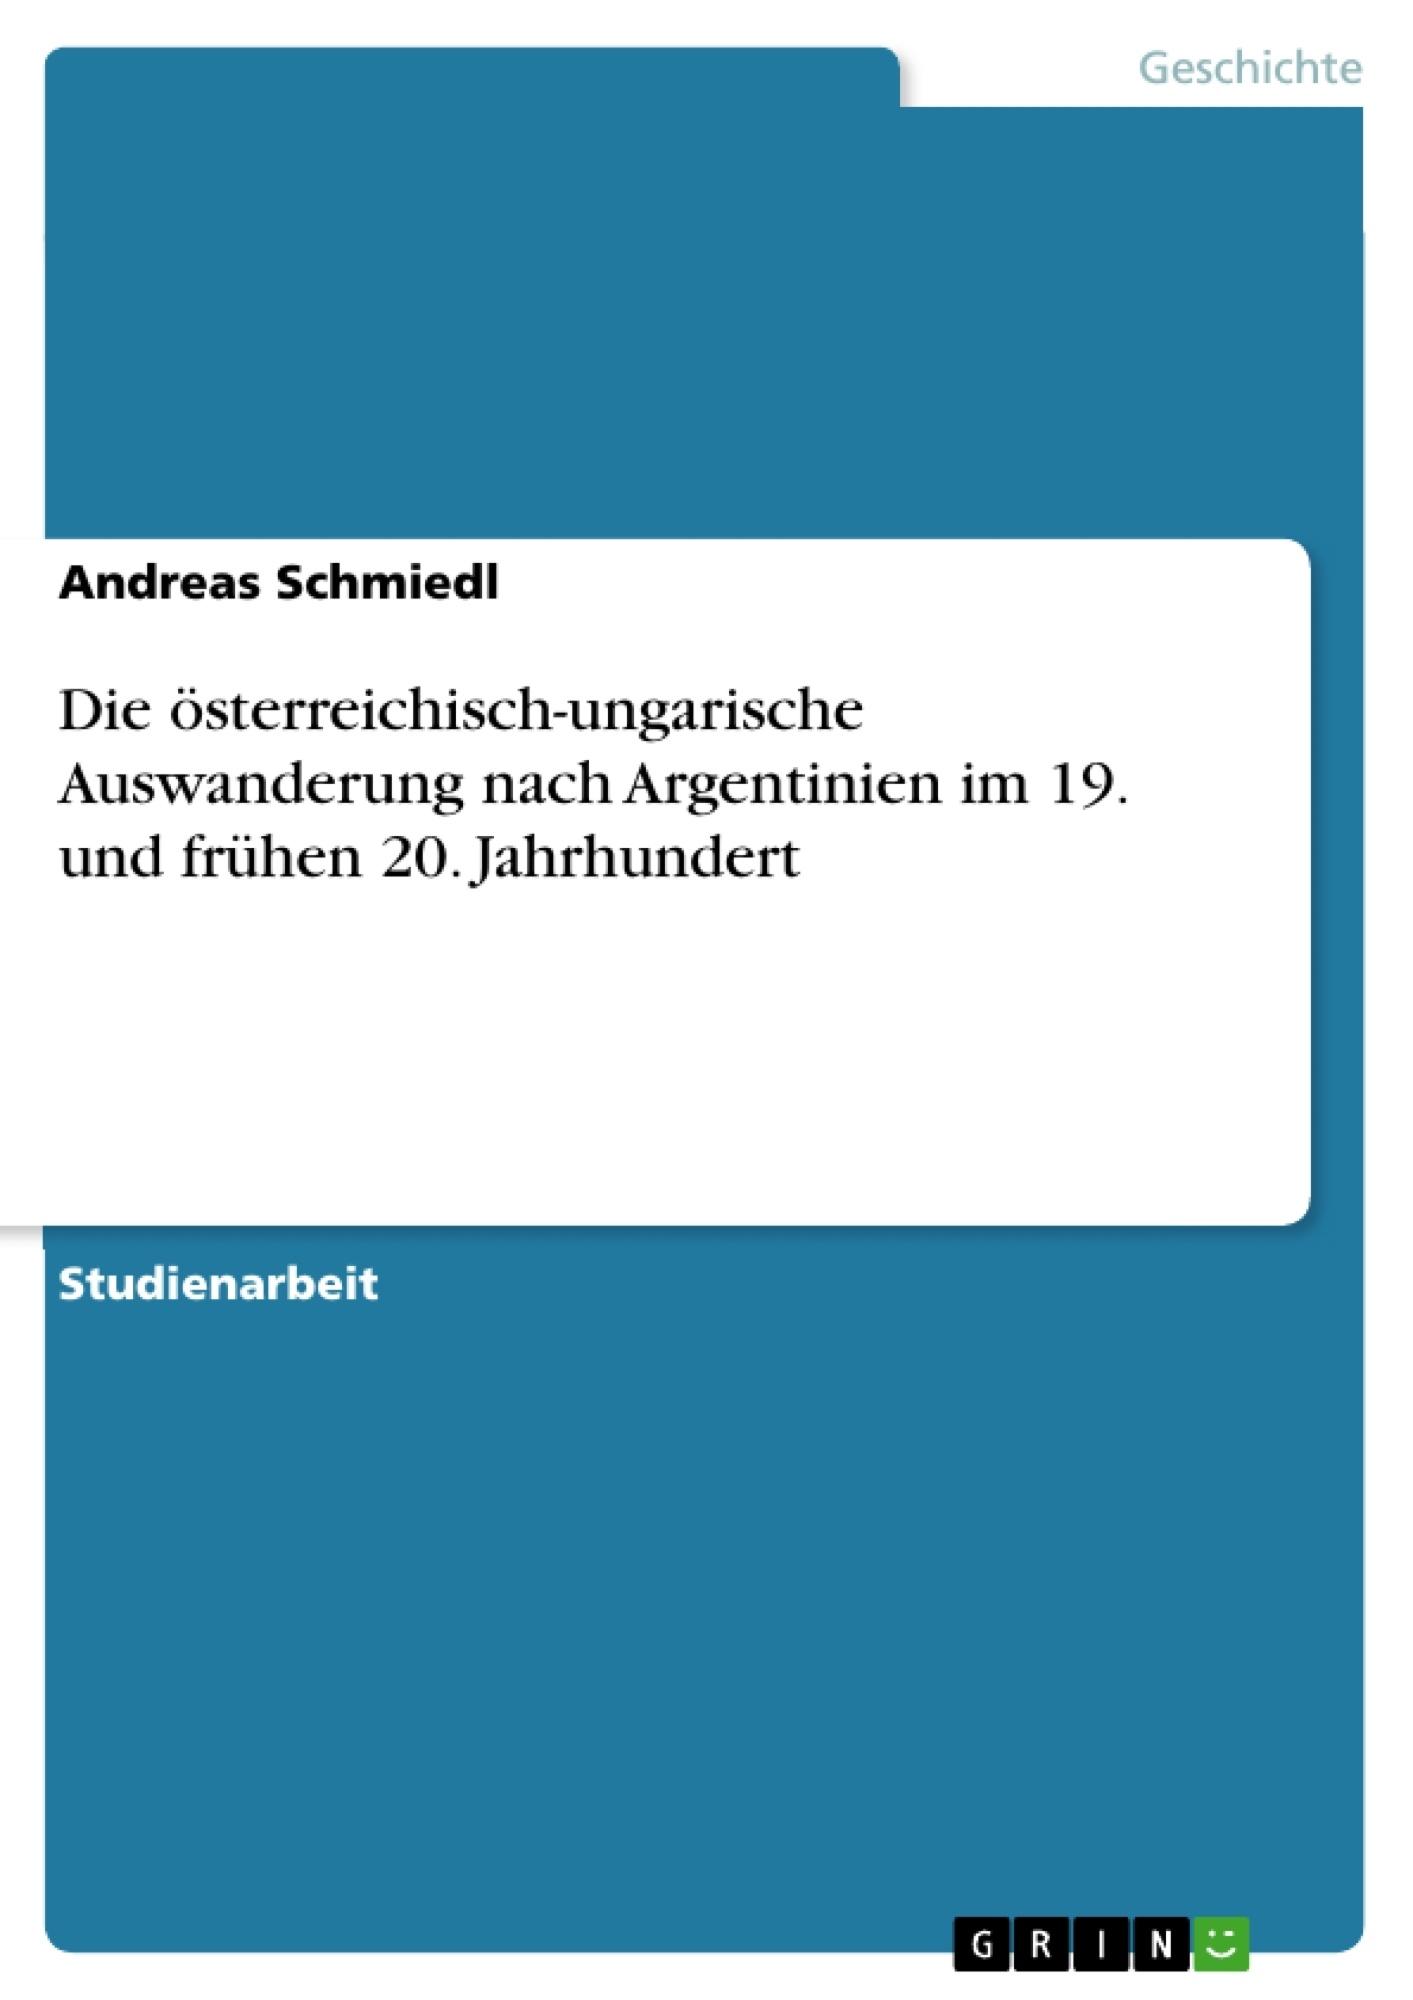 Titel: Die österreichisch-ungarische Auswanderung nach Argentinien im 19. und frühen 20. Jahrhundert